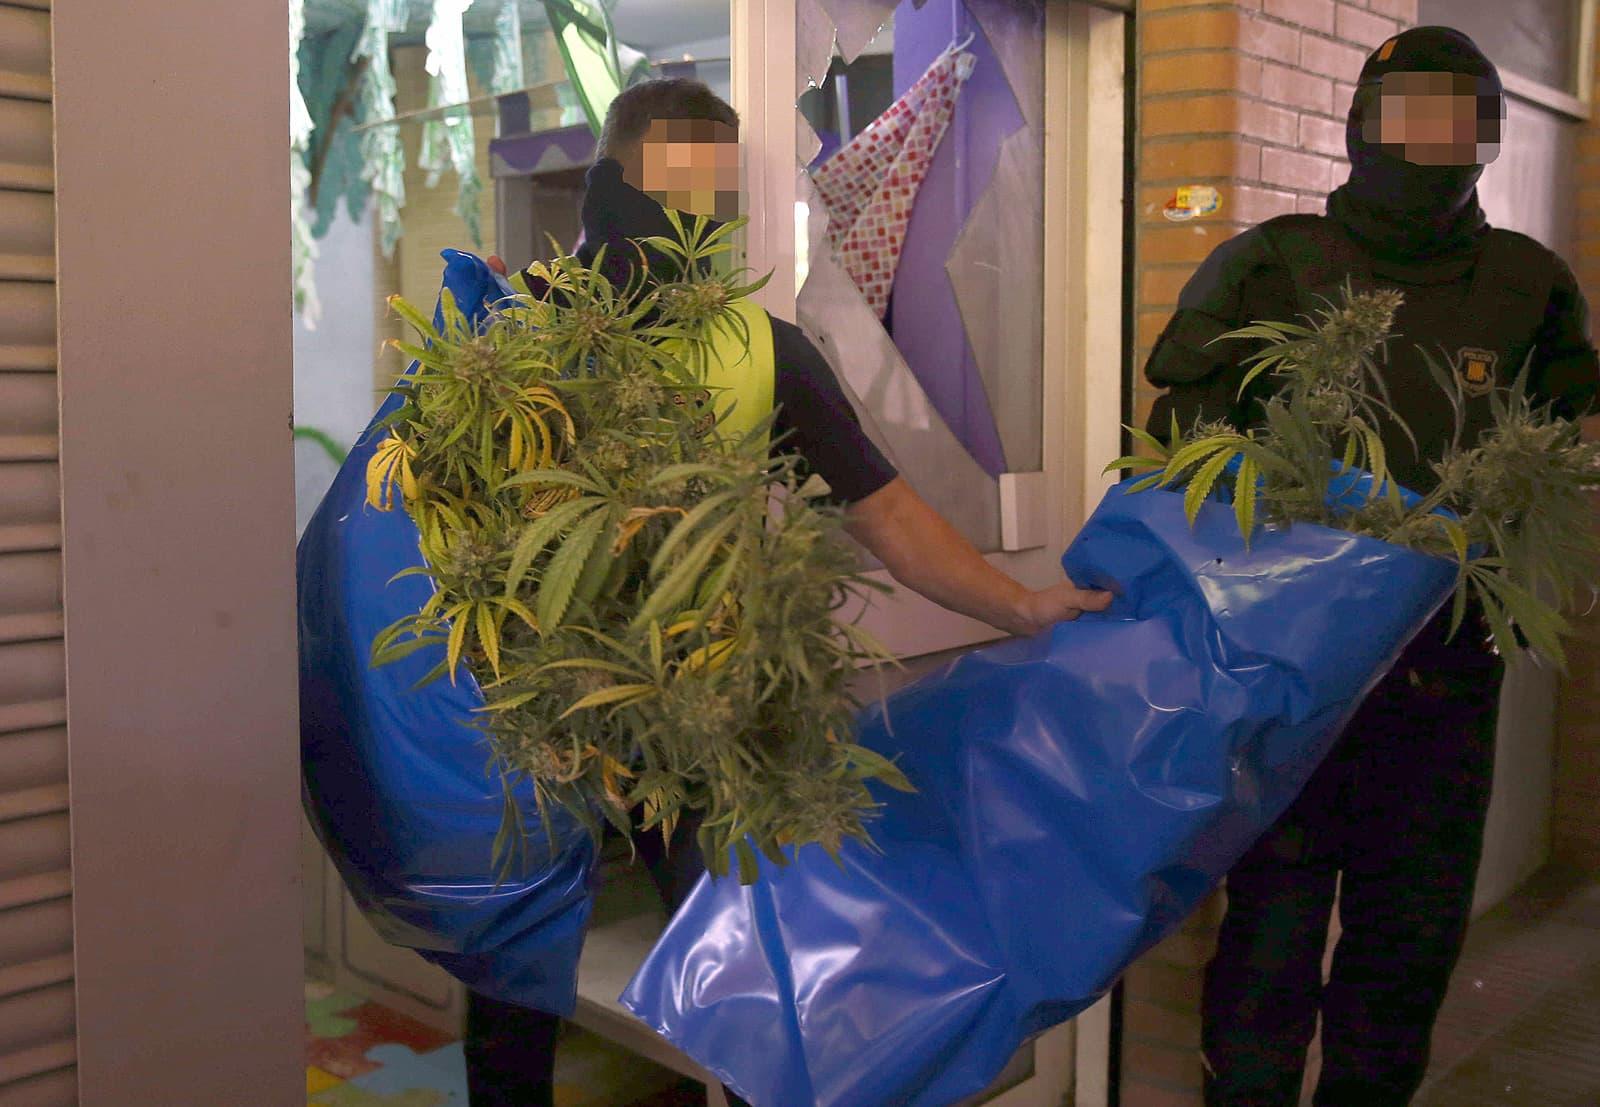 Els Mossos d'Esquadra treuen plantes de marihuana d'un pis del carrer Mallorca de Barcelona, el juny del 2015. Fotografia de Toni Albir. Efe.